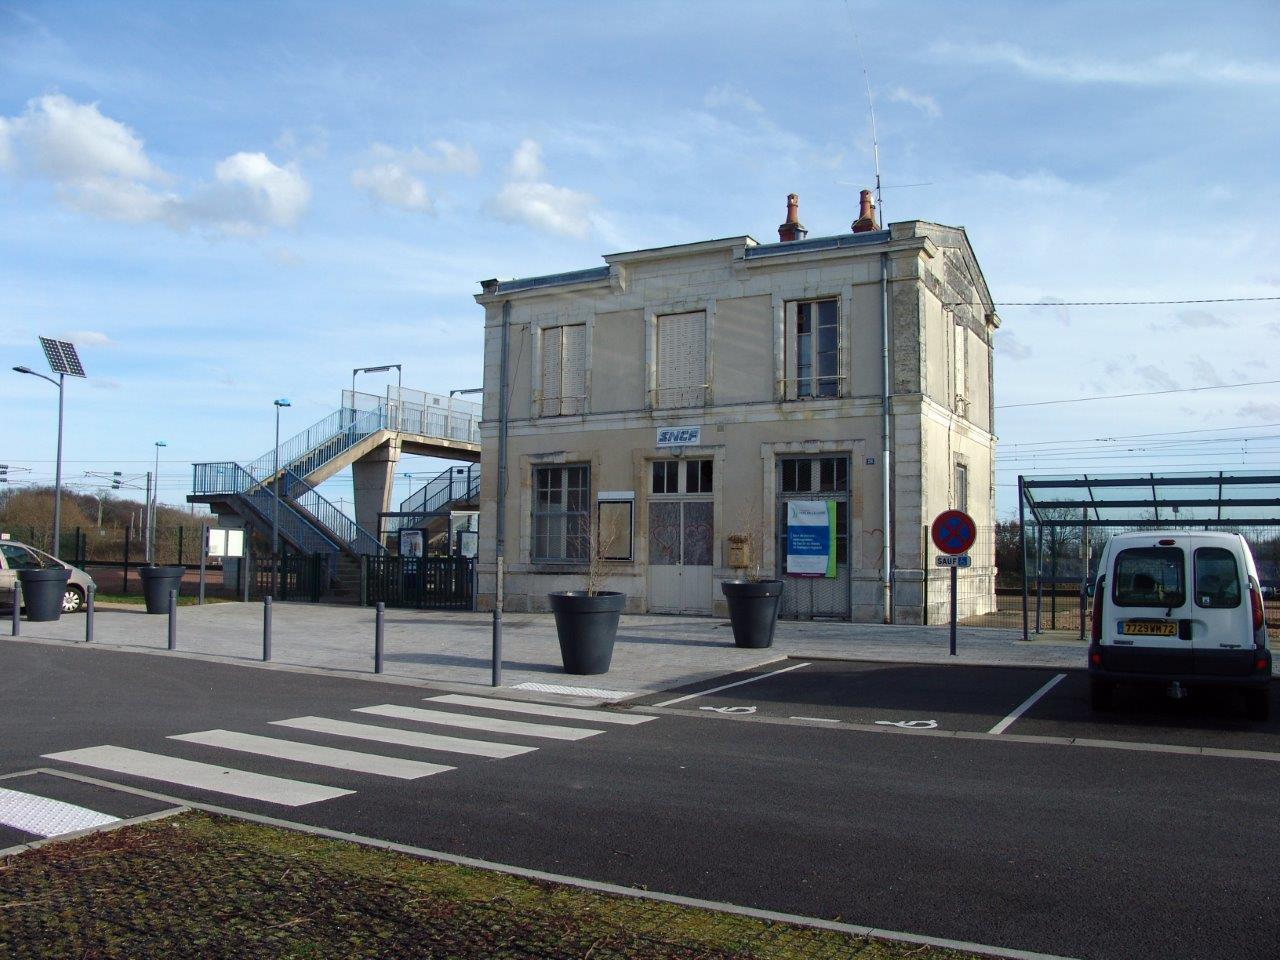 gare-de-voivres-train-station